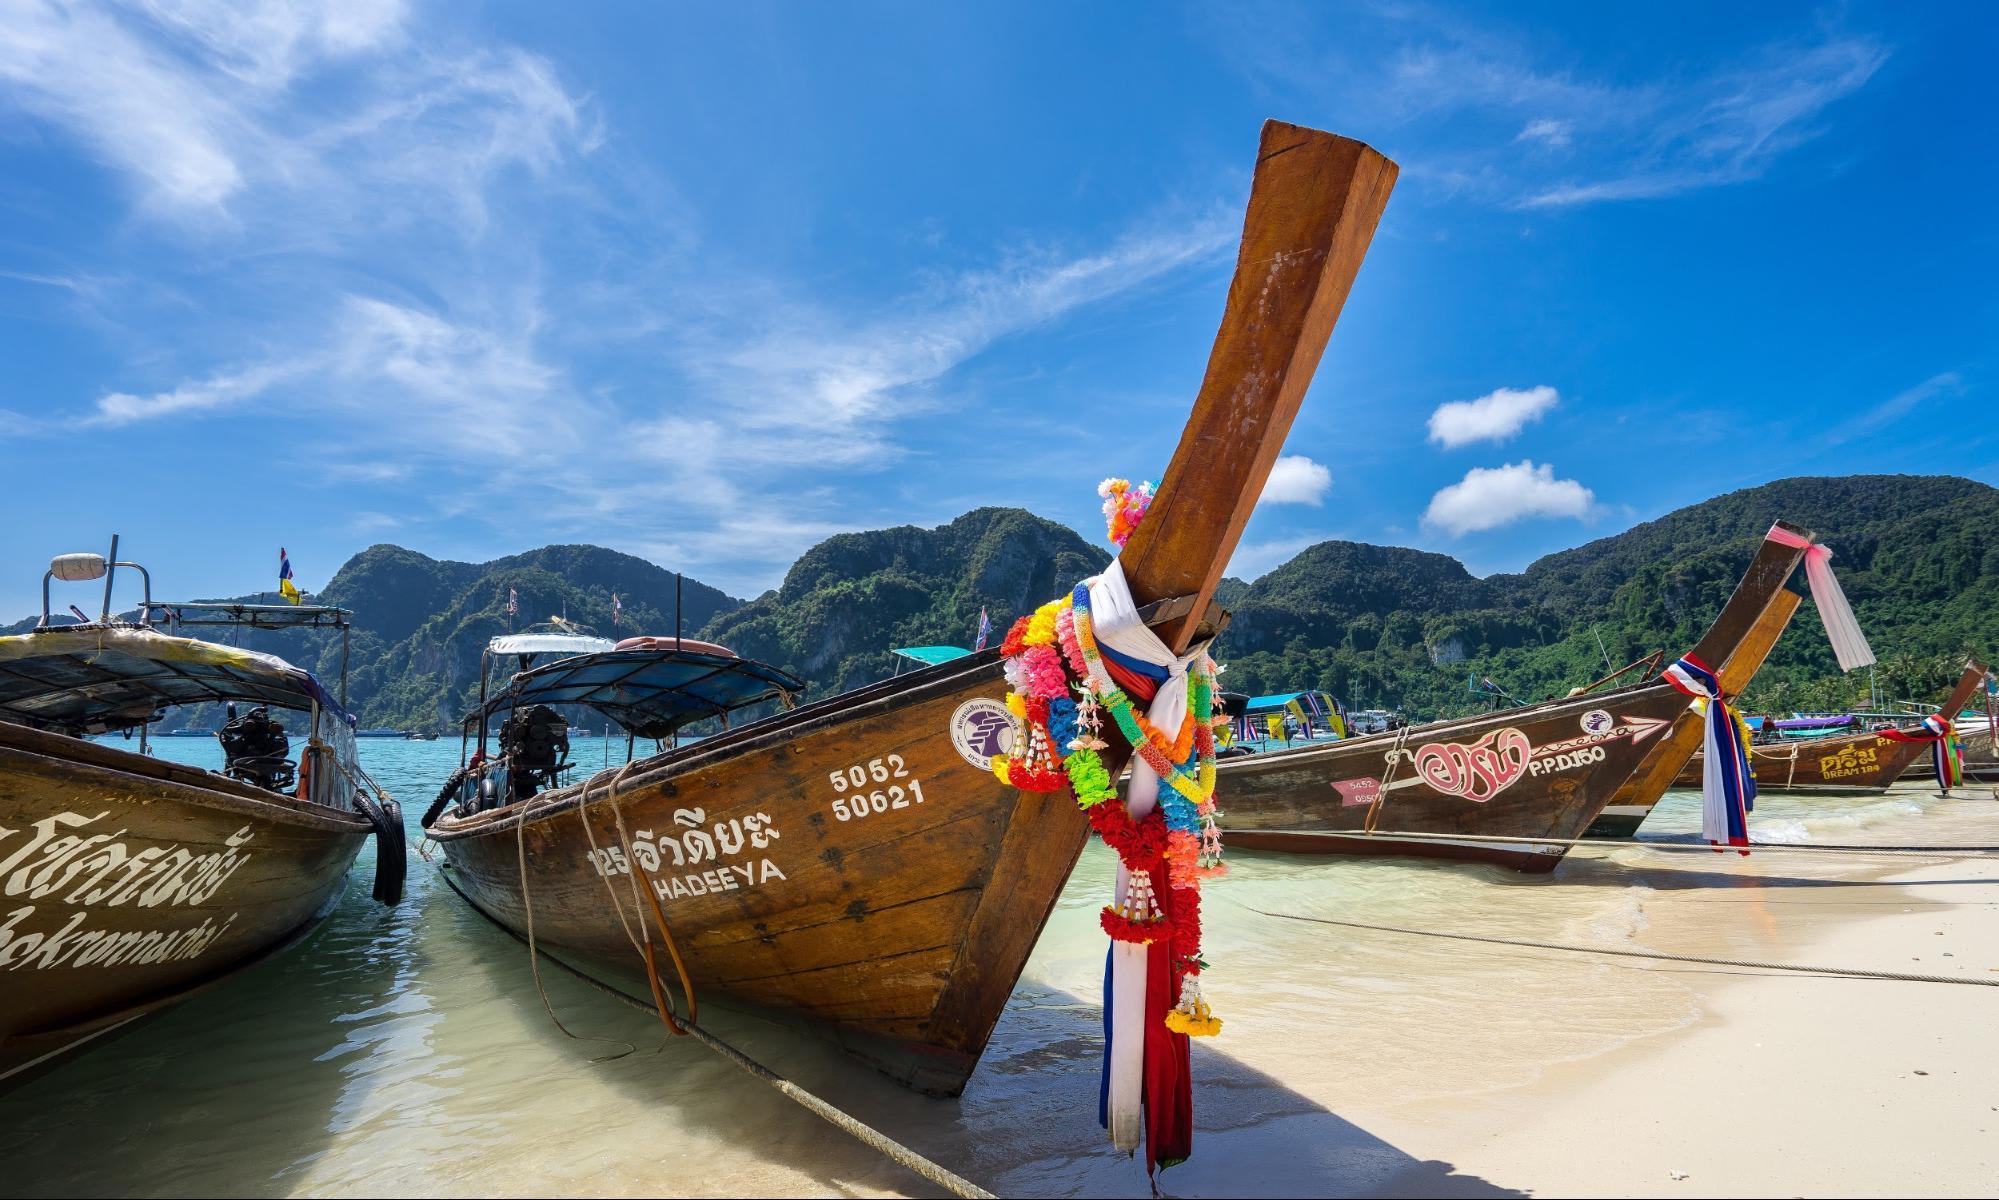 thuyền gỗ tại bãi biển ở phuket